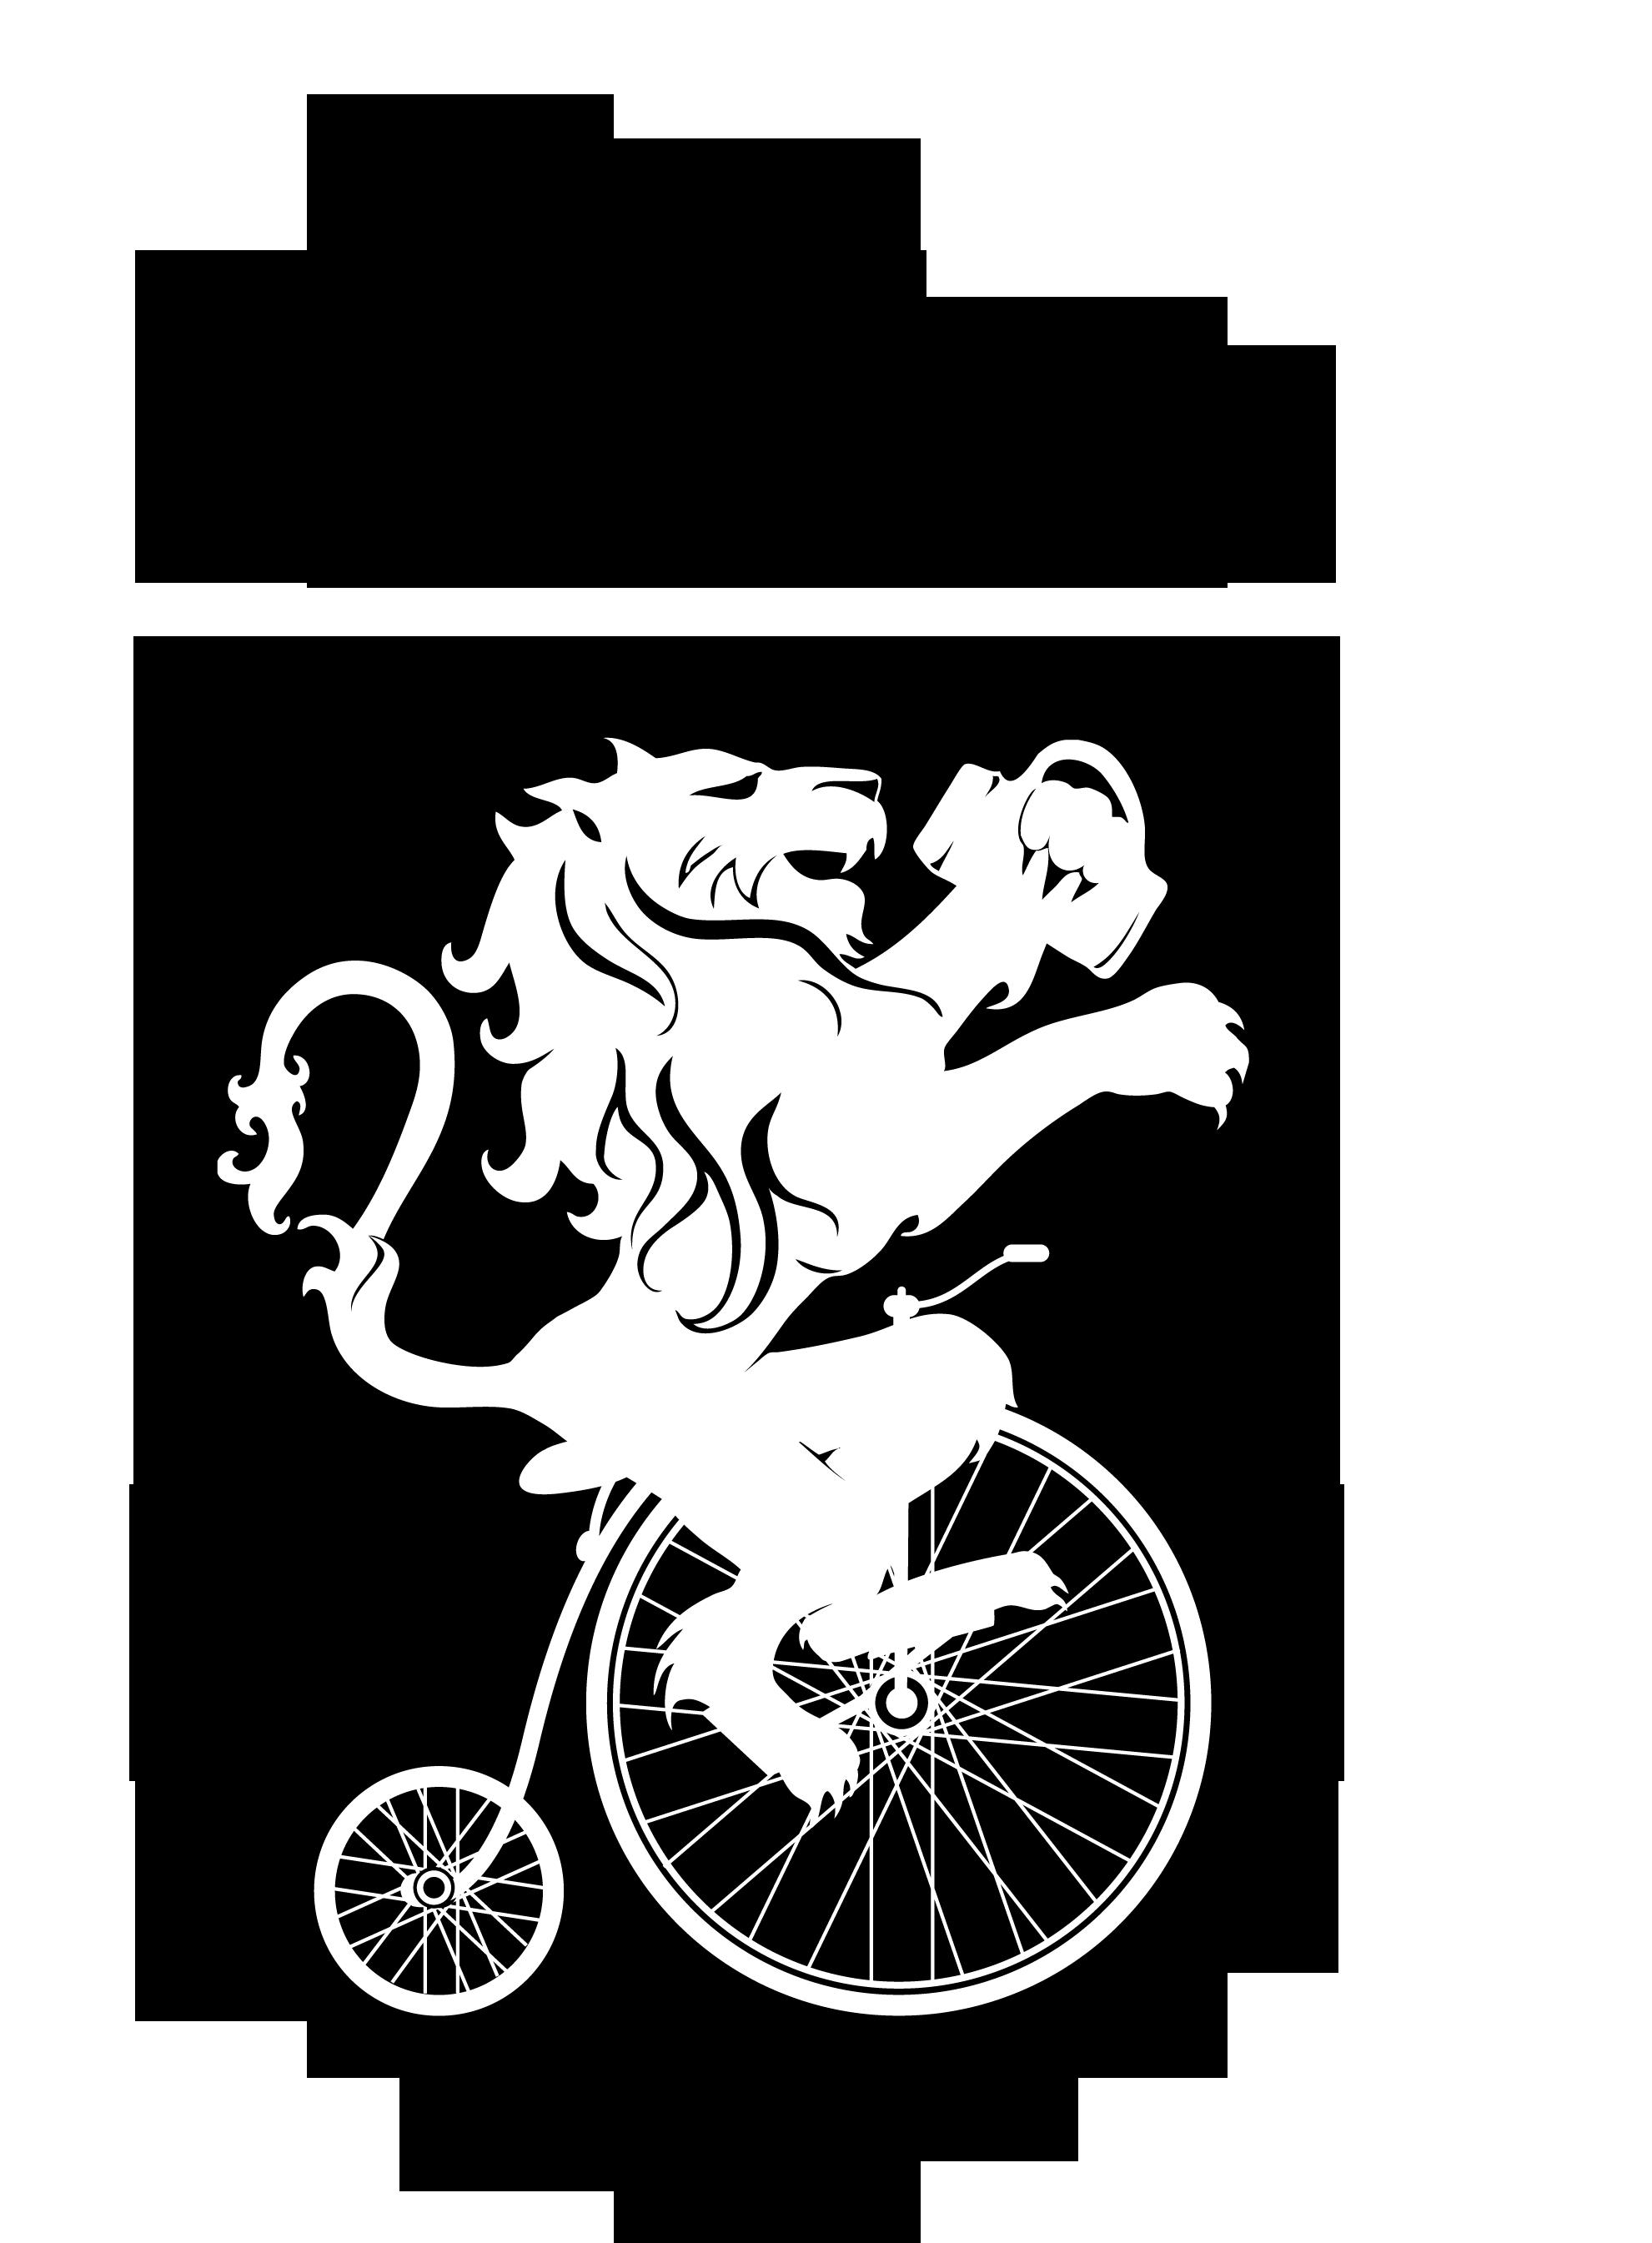 Logo design for The Radler